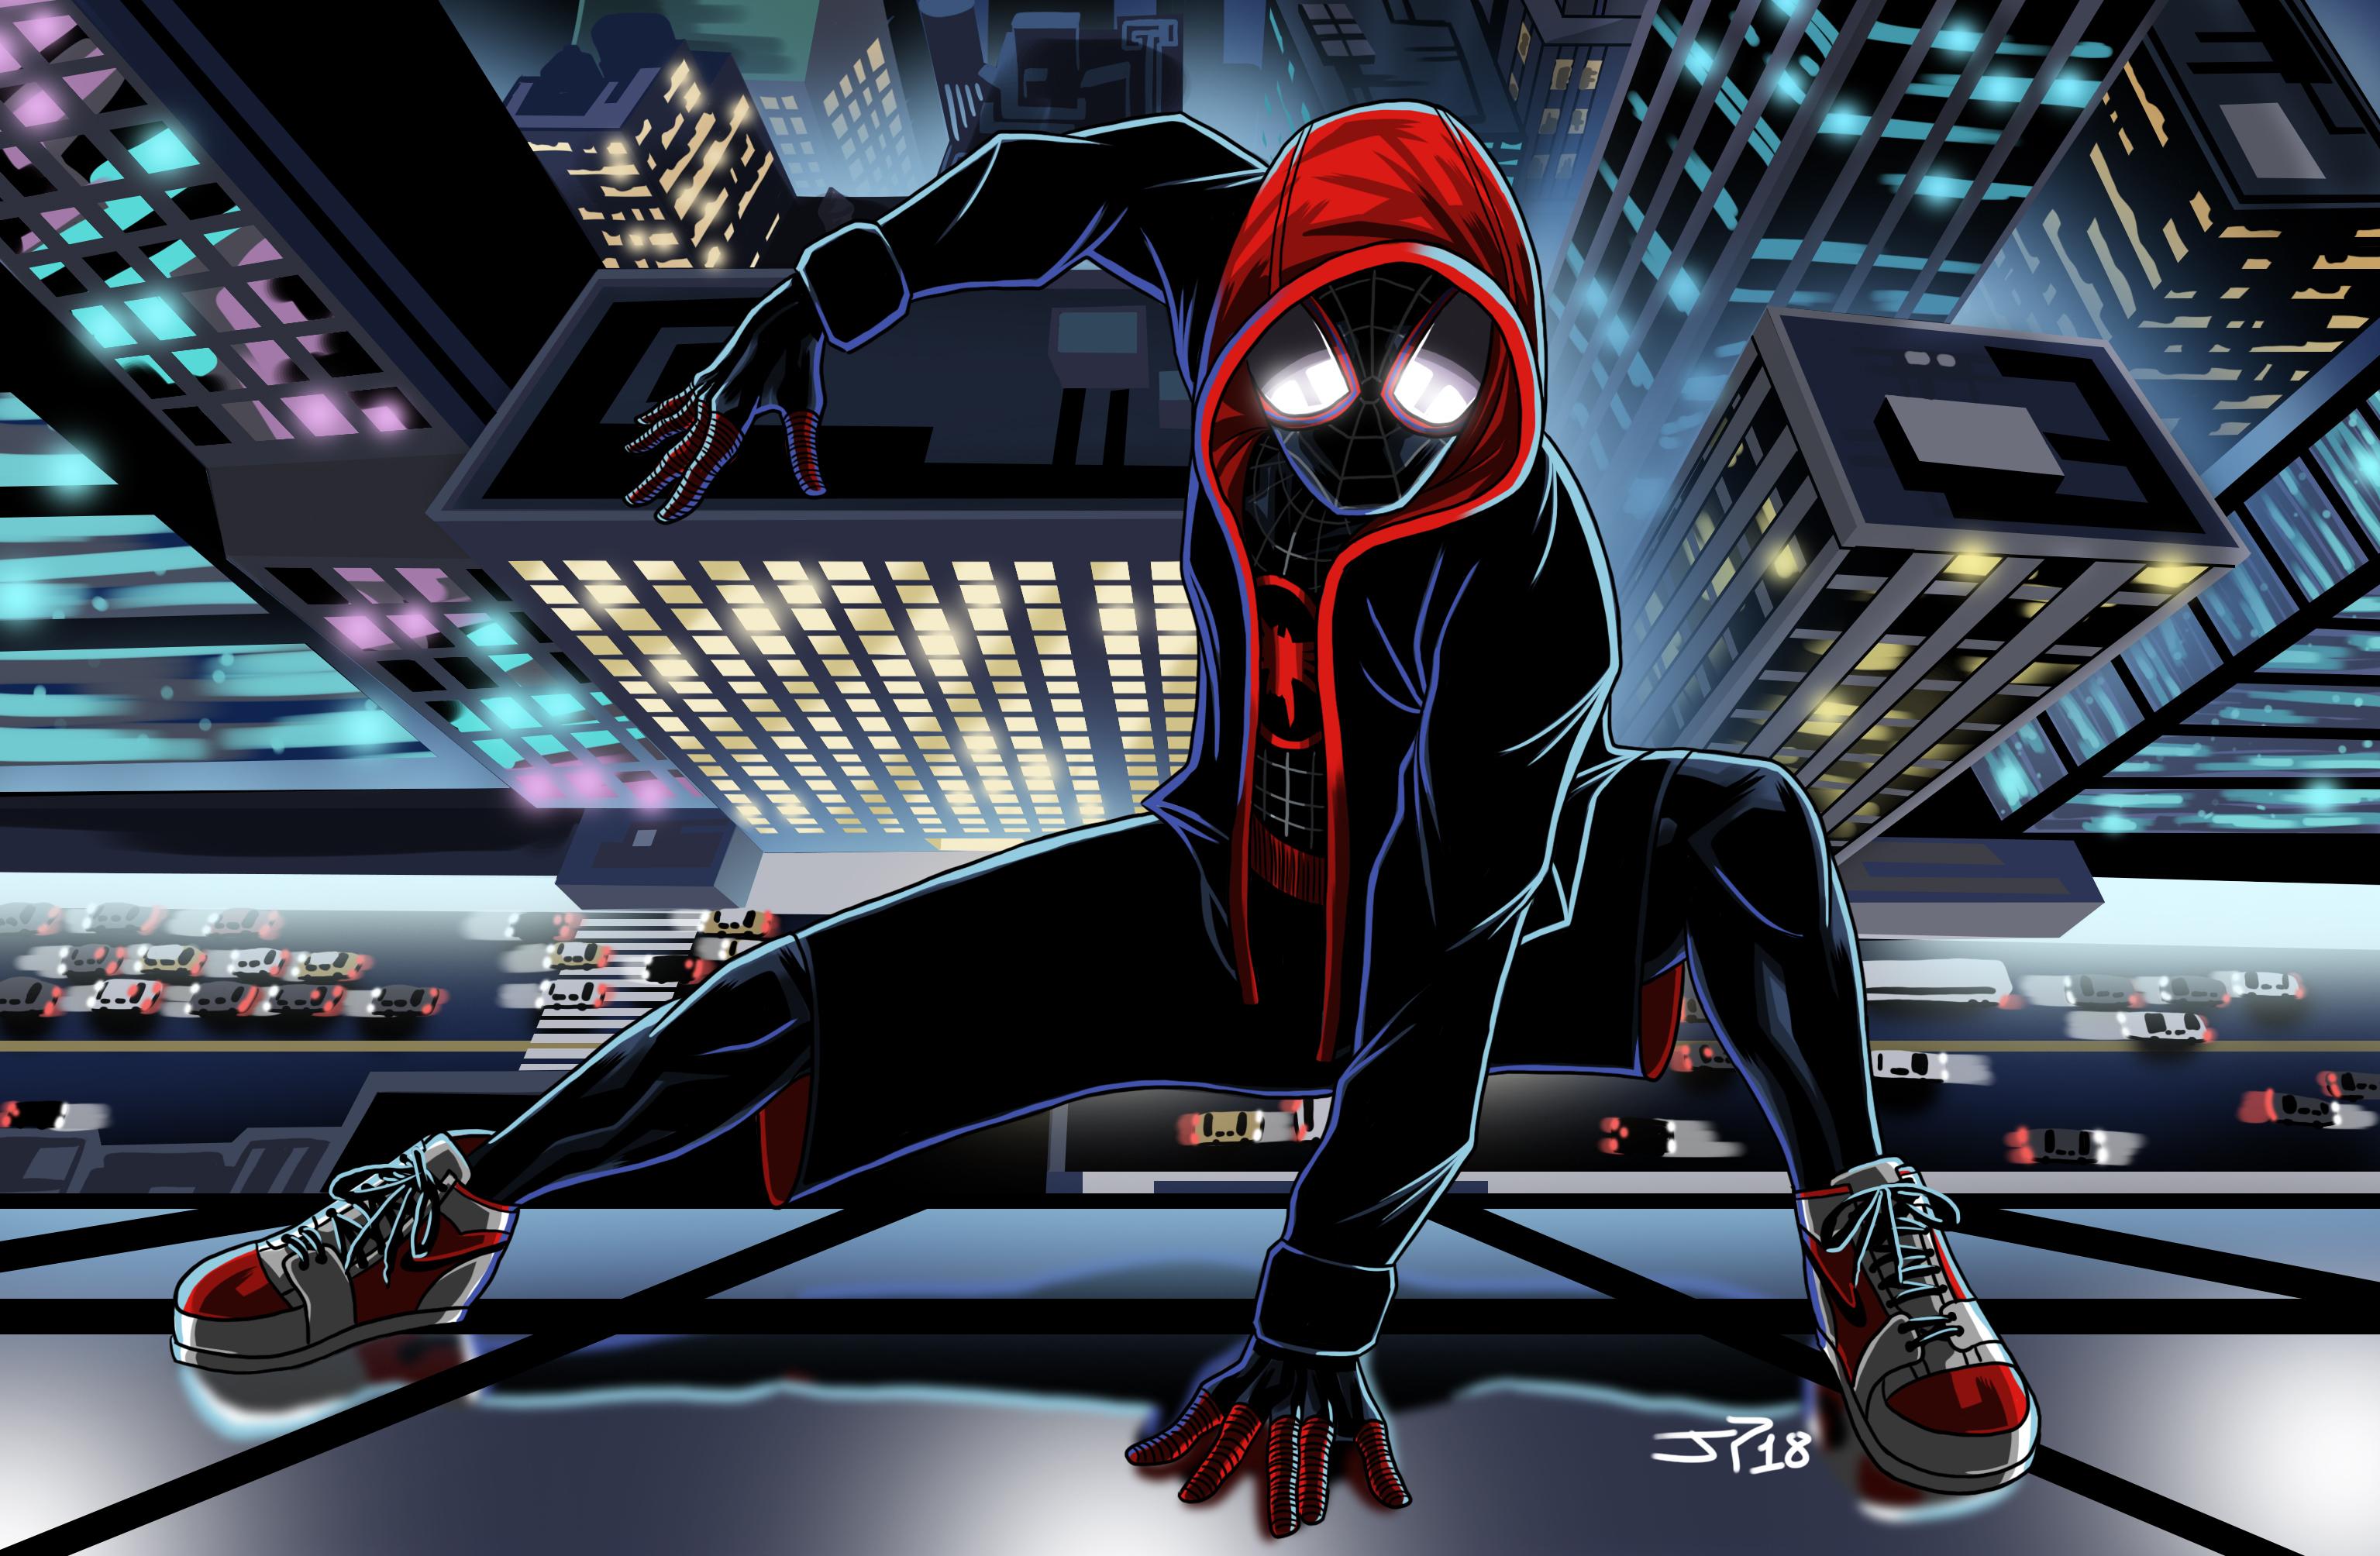 2048x1152 SpiderMan Into The Spider Verse Movie Art